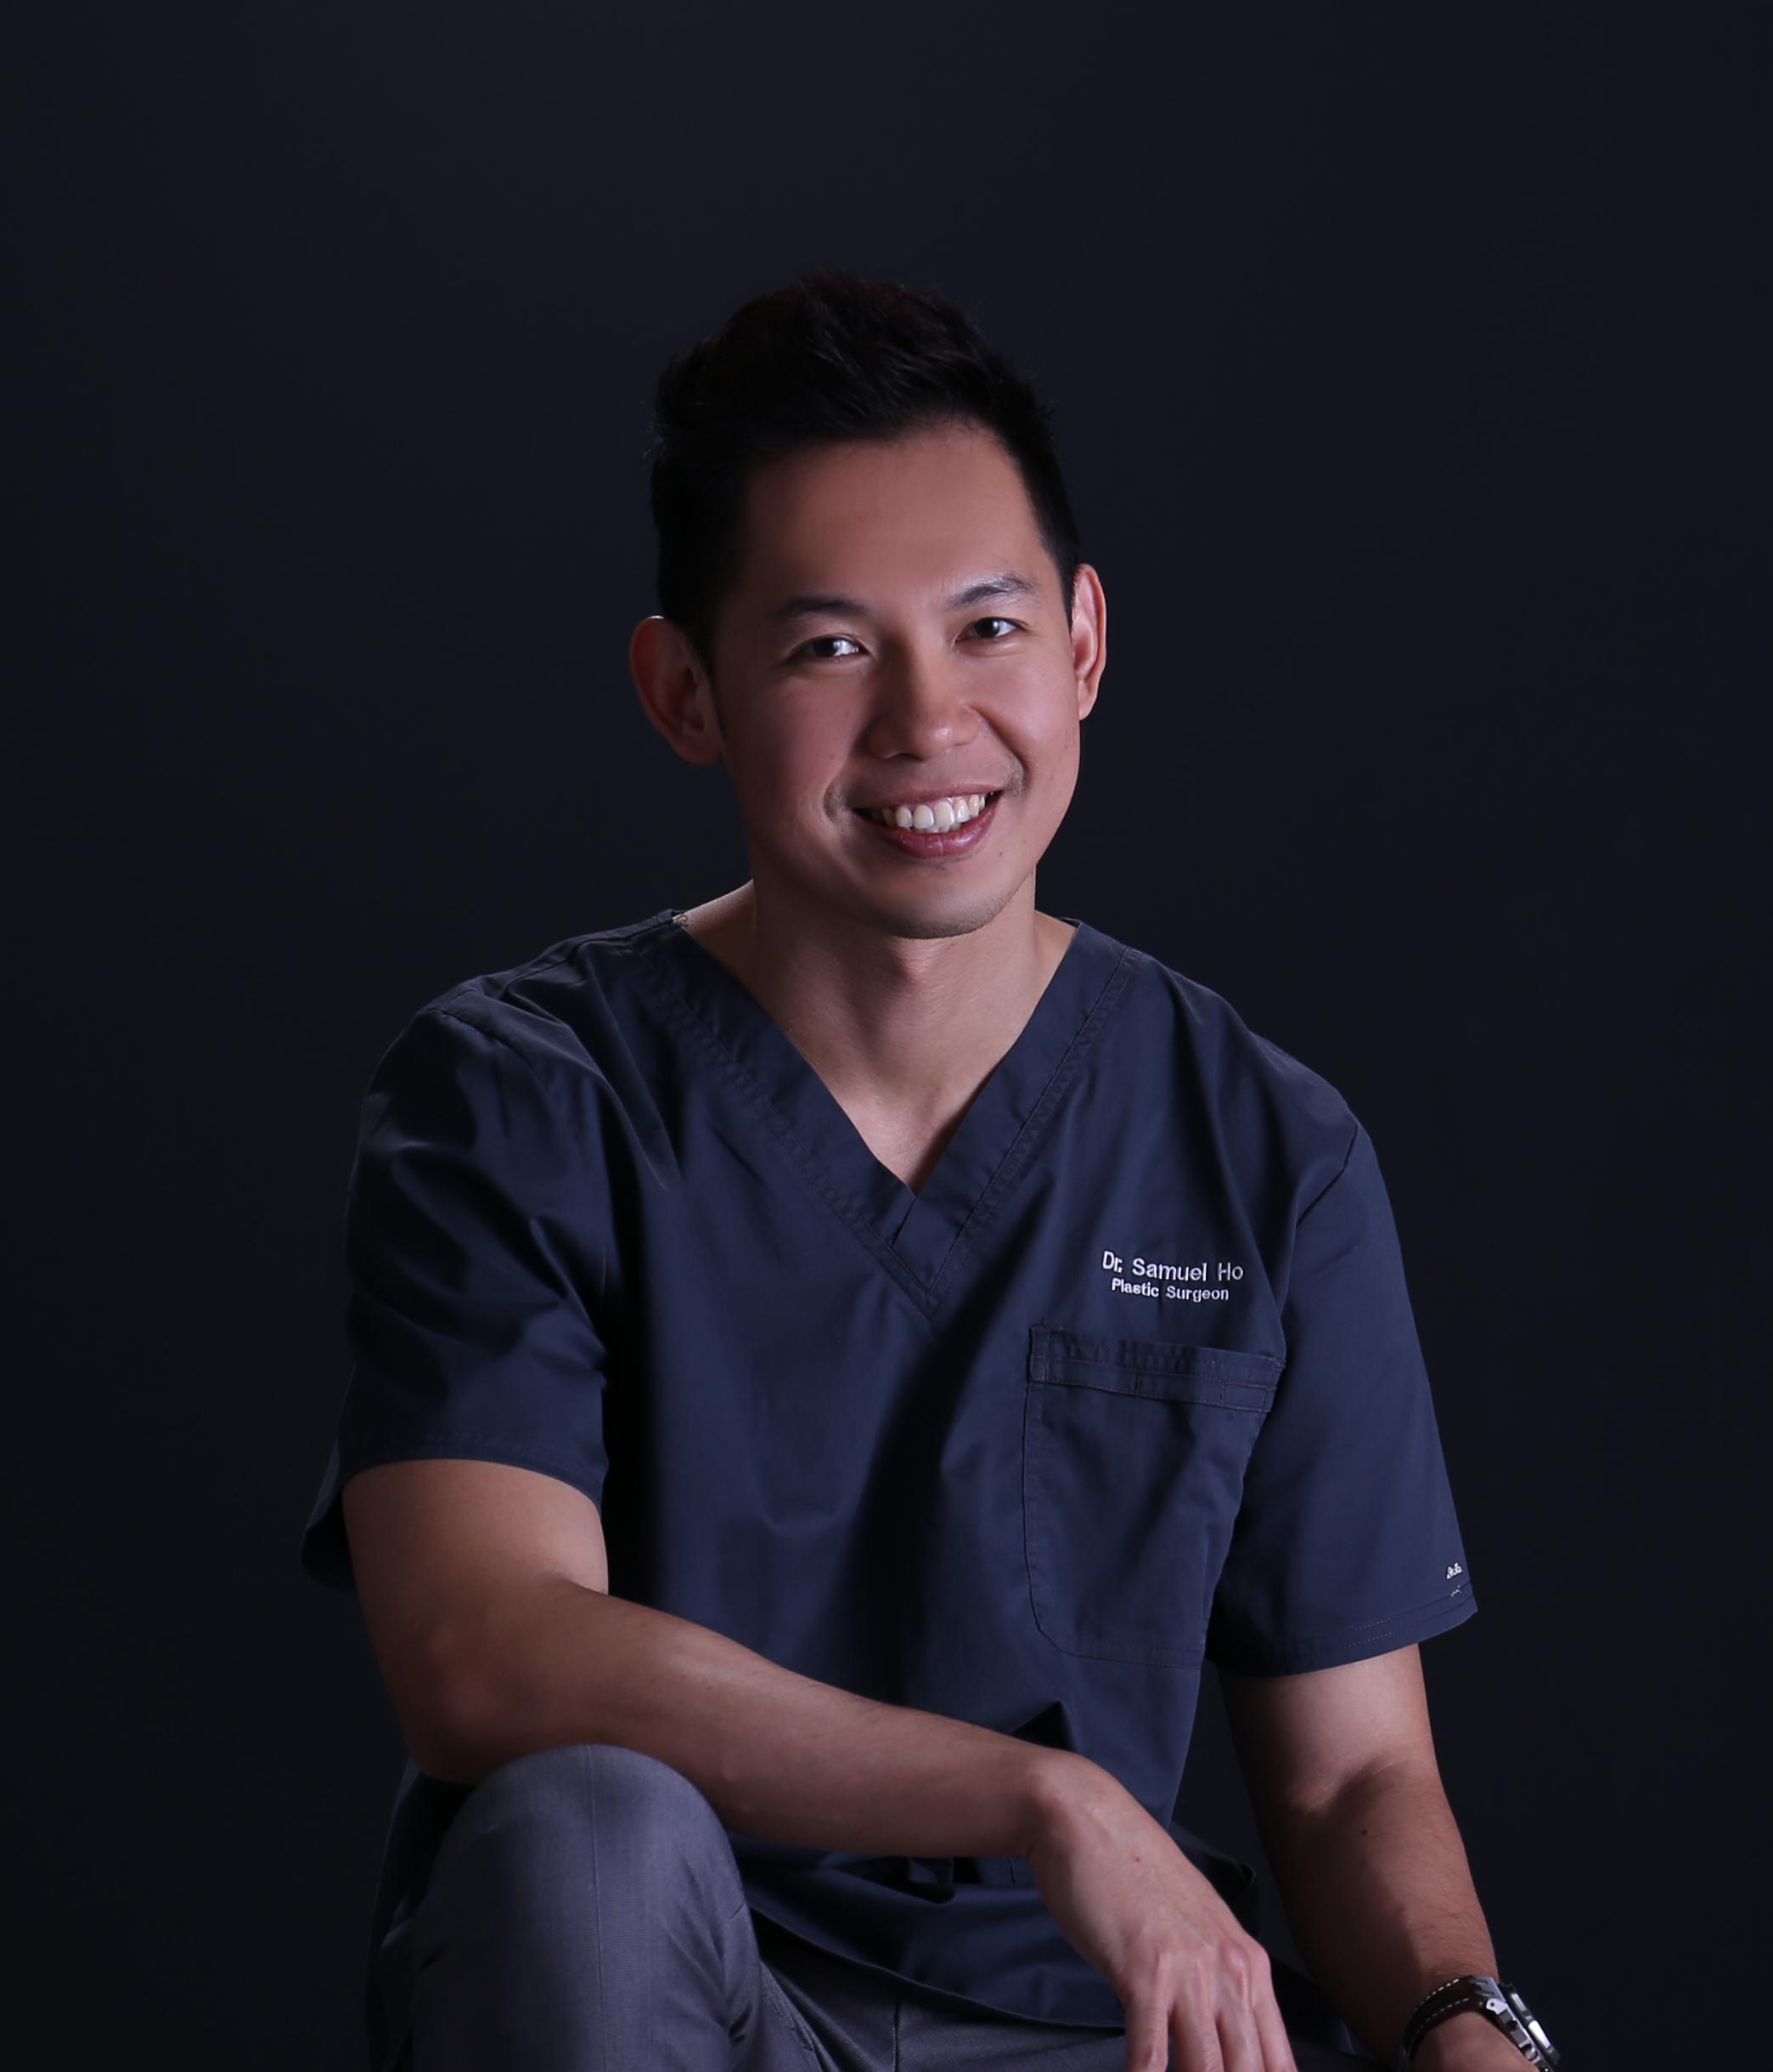 Dr Samuel Ho undefined